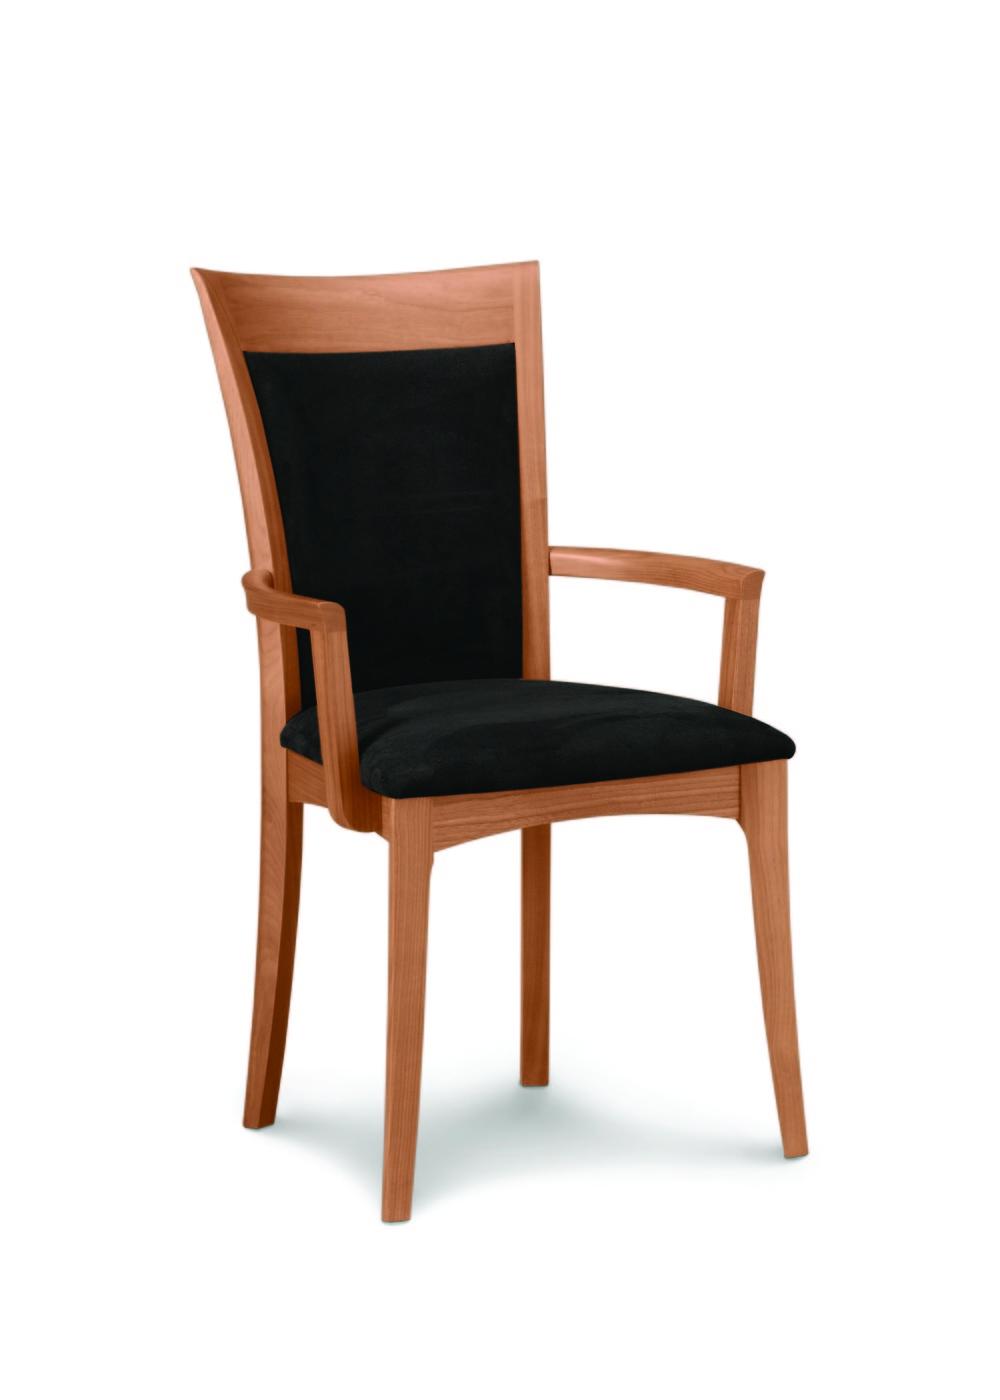 Copeland Furniture - Morgan Arm Chair